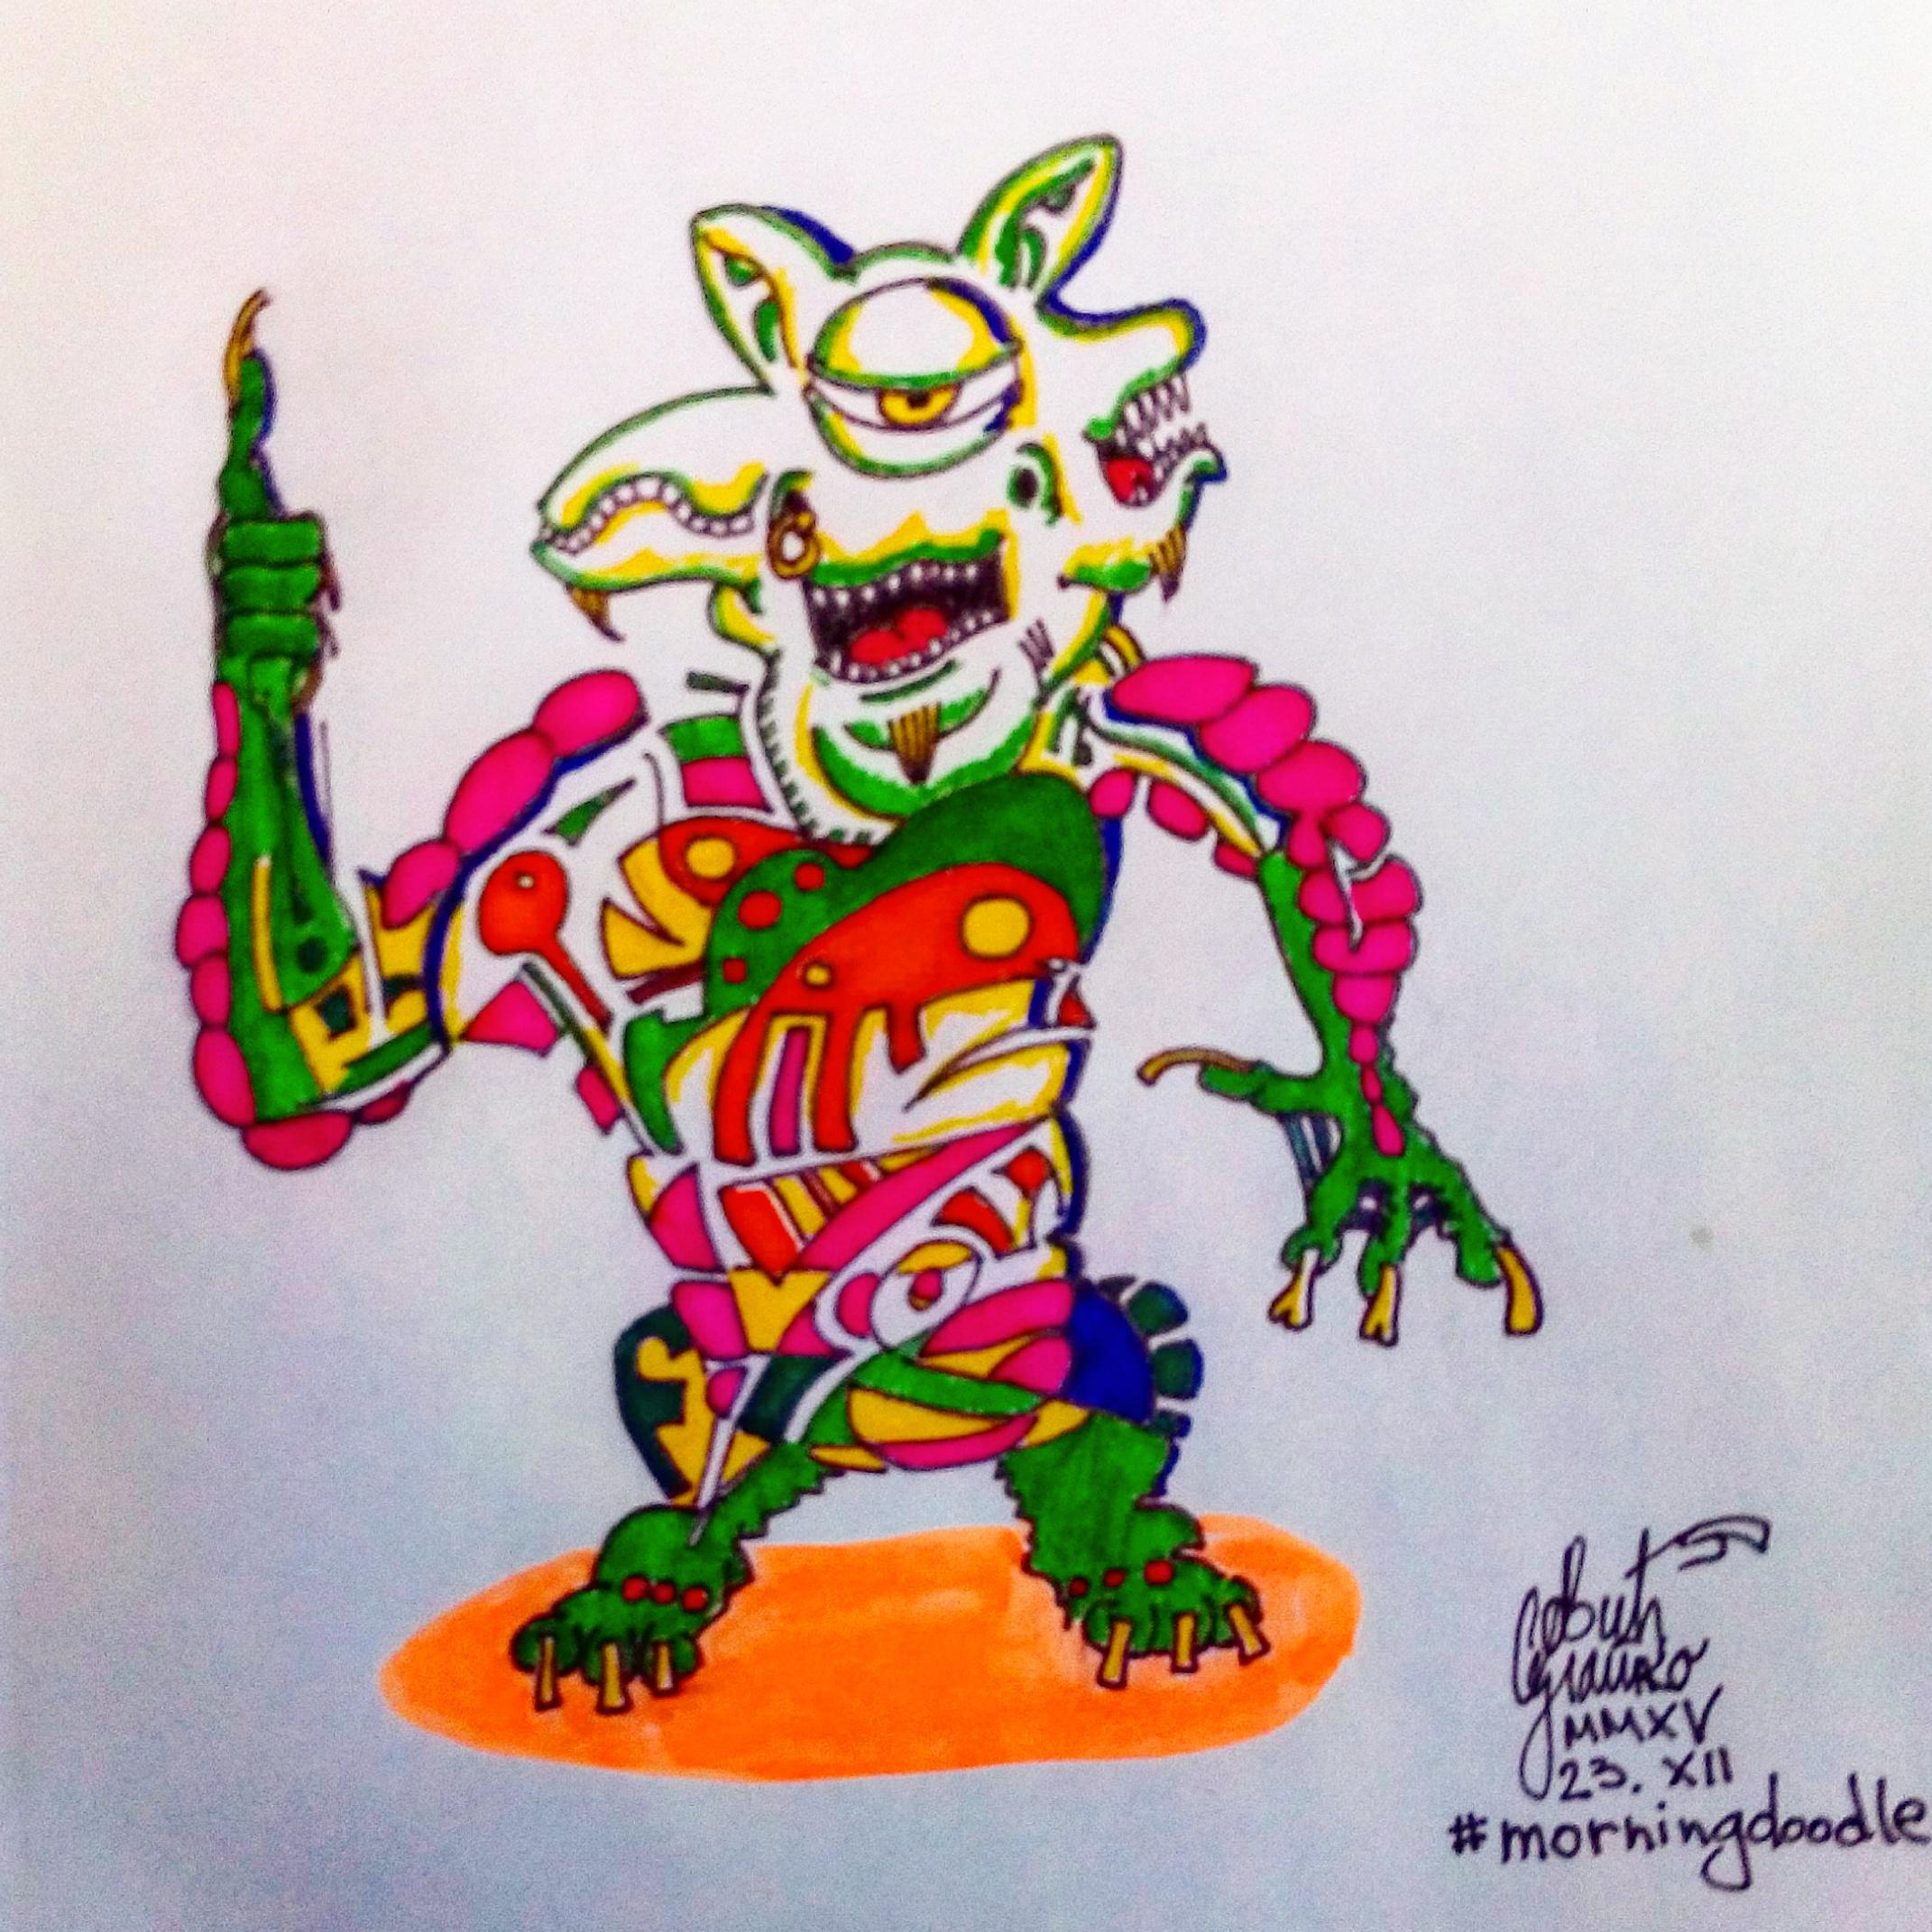 Morning doodle - 23. XII '15. - Fuuny Alien by zlajonja